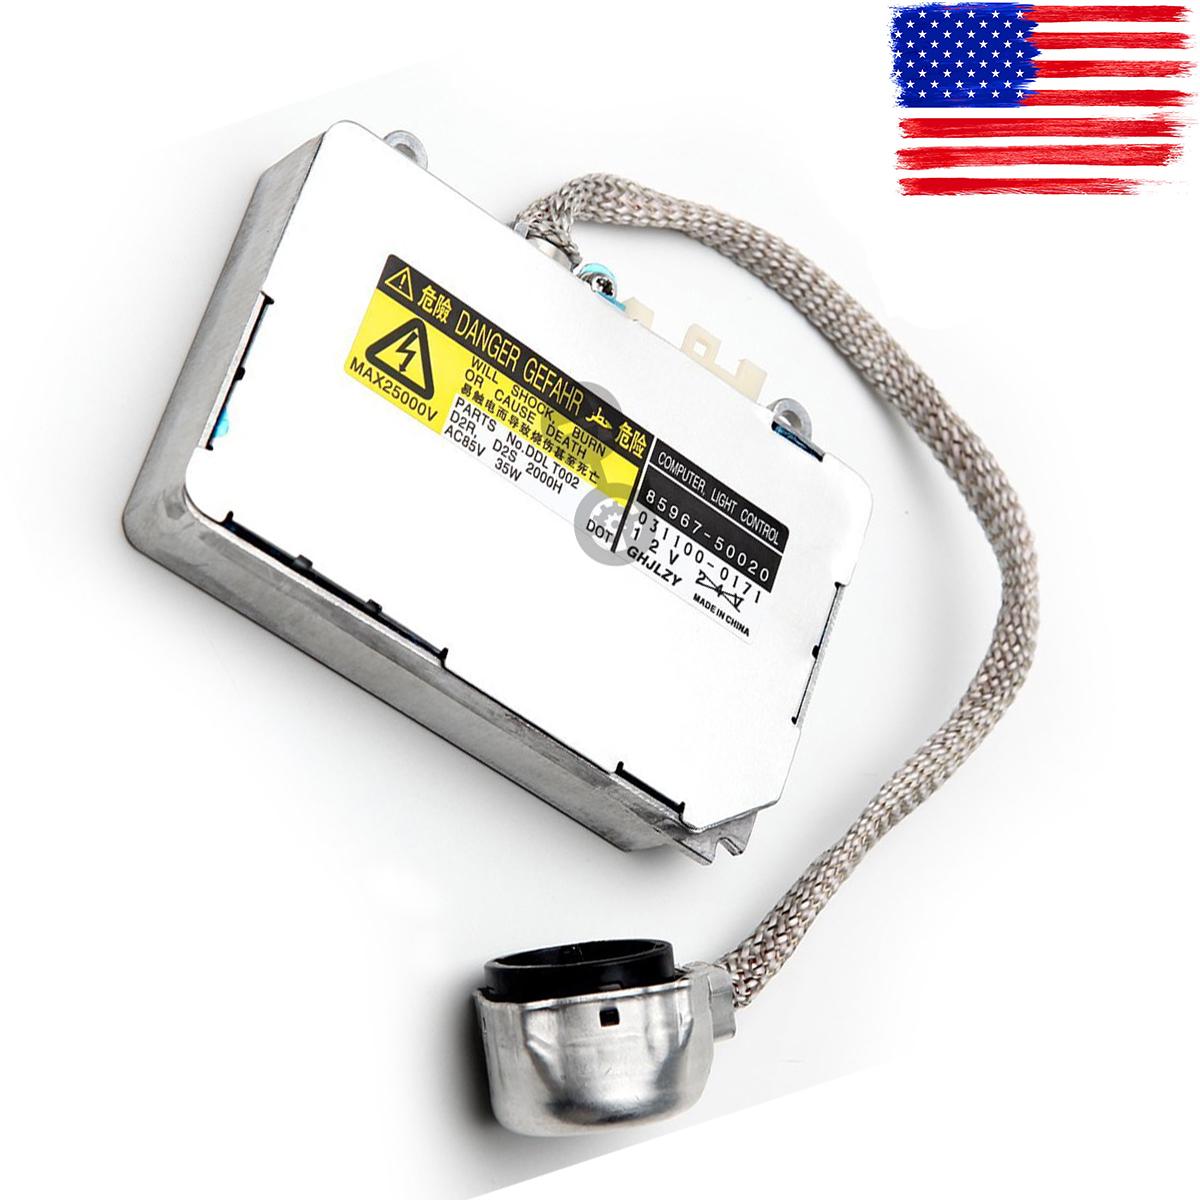 Xenon Headlight Ballast For Bmw 5 7 Series E60 E65 E66 E67 E68 X5 E86 E53 Z4 E85